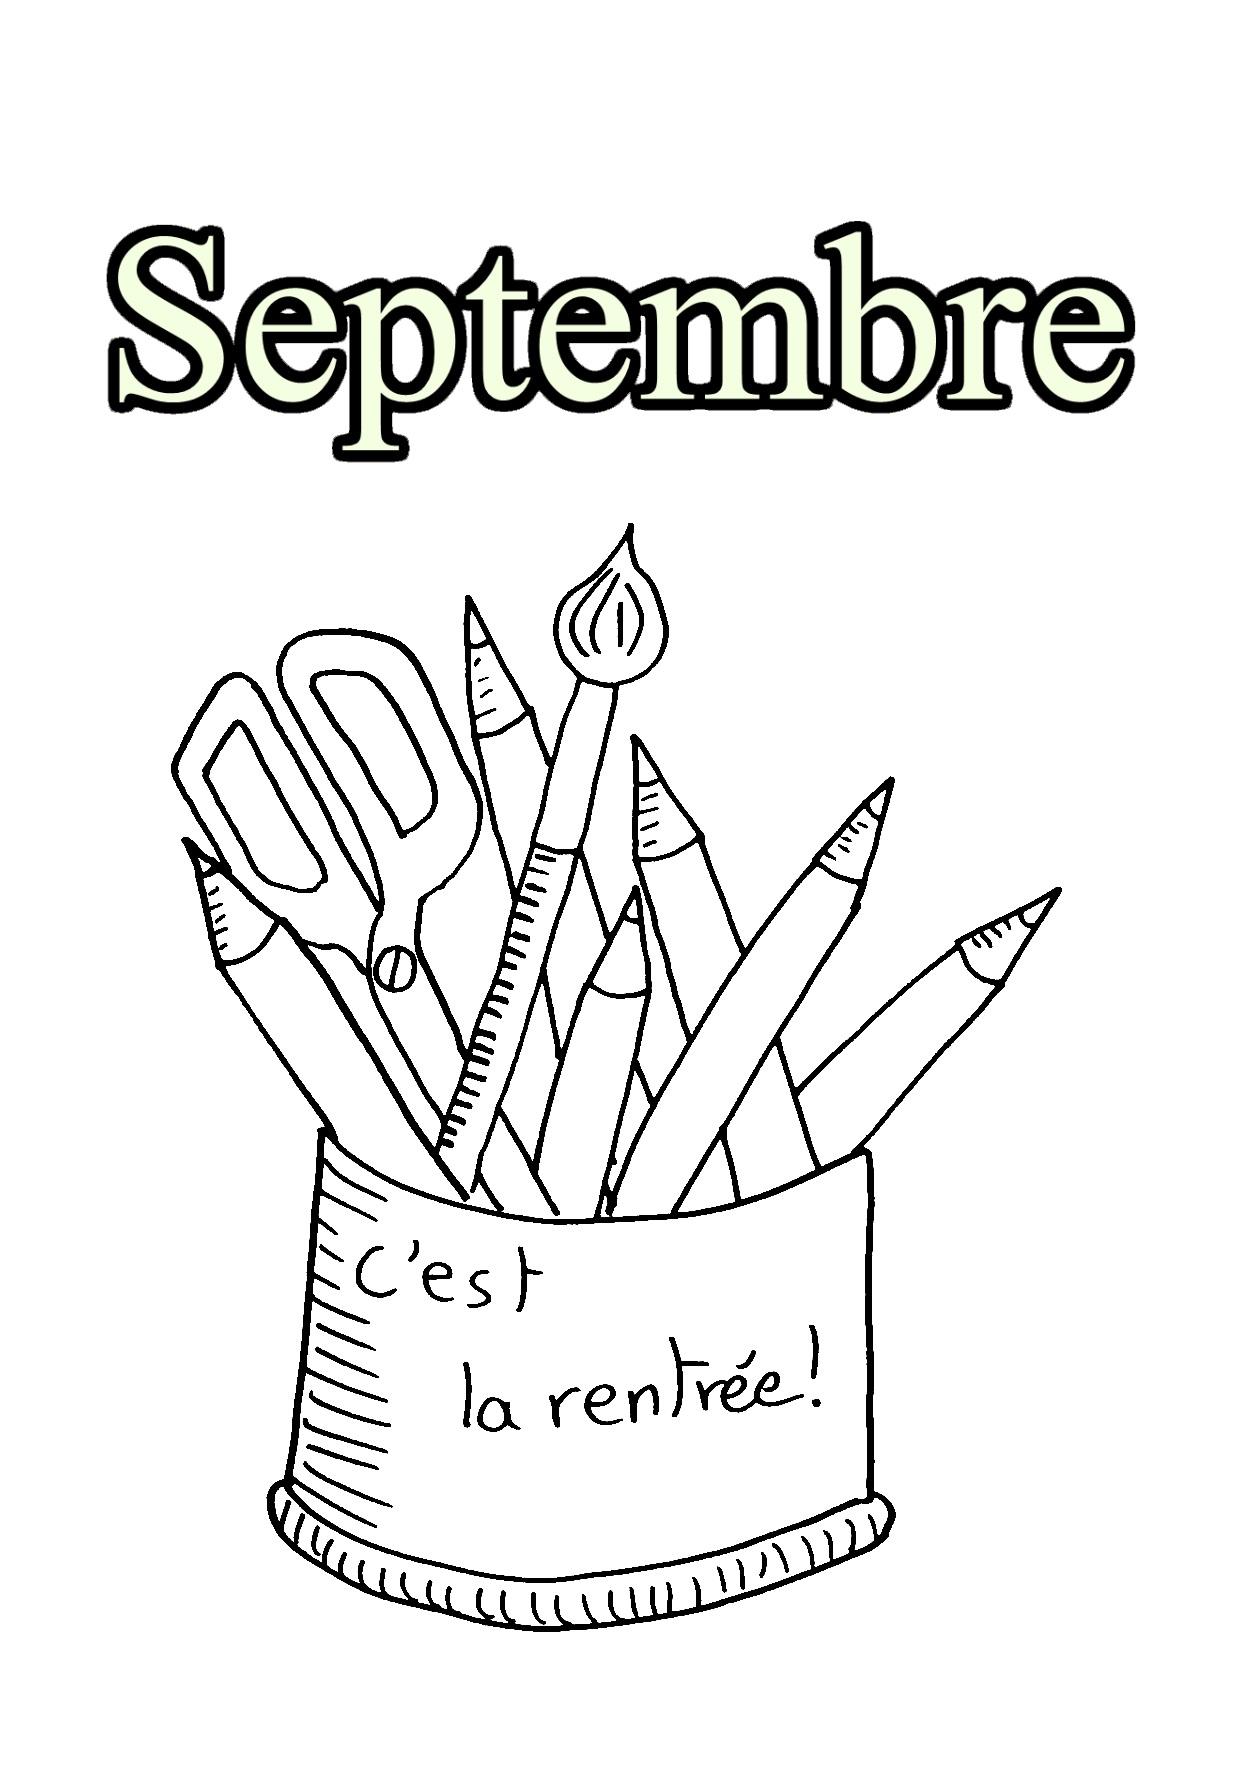 09 septembre coloriage mois de l 39 ann e coloriages pour enfants. Black Bedroom Furniture Sets. Home Design Ideas